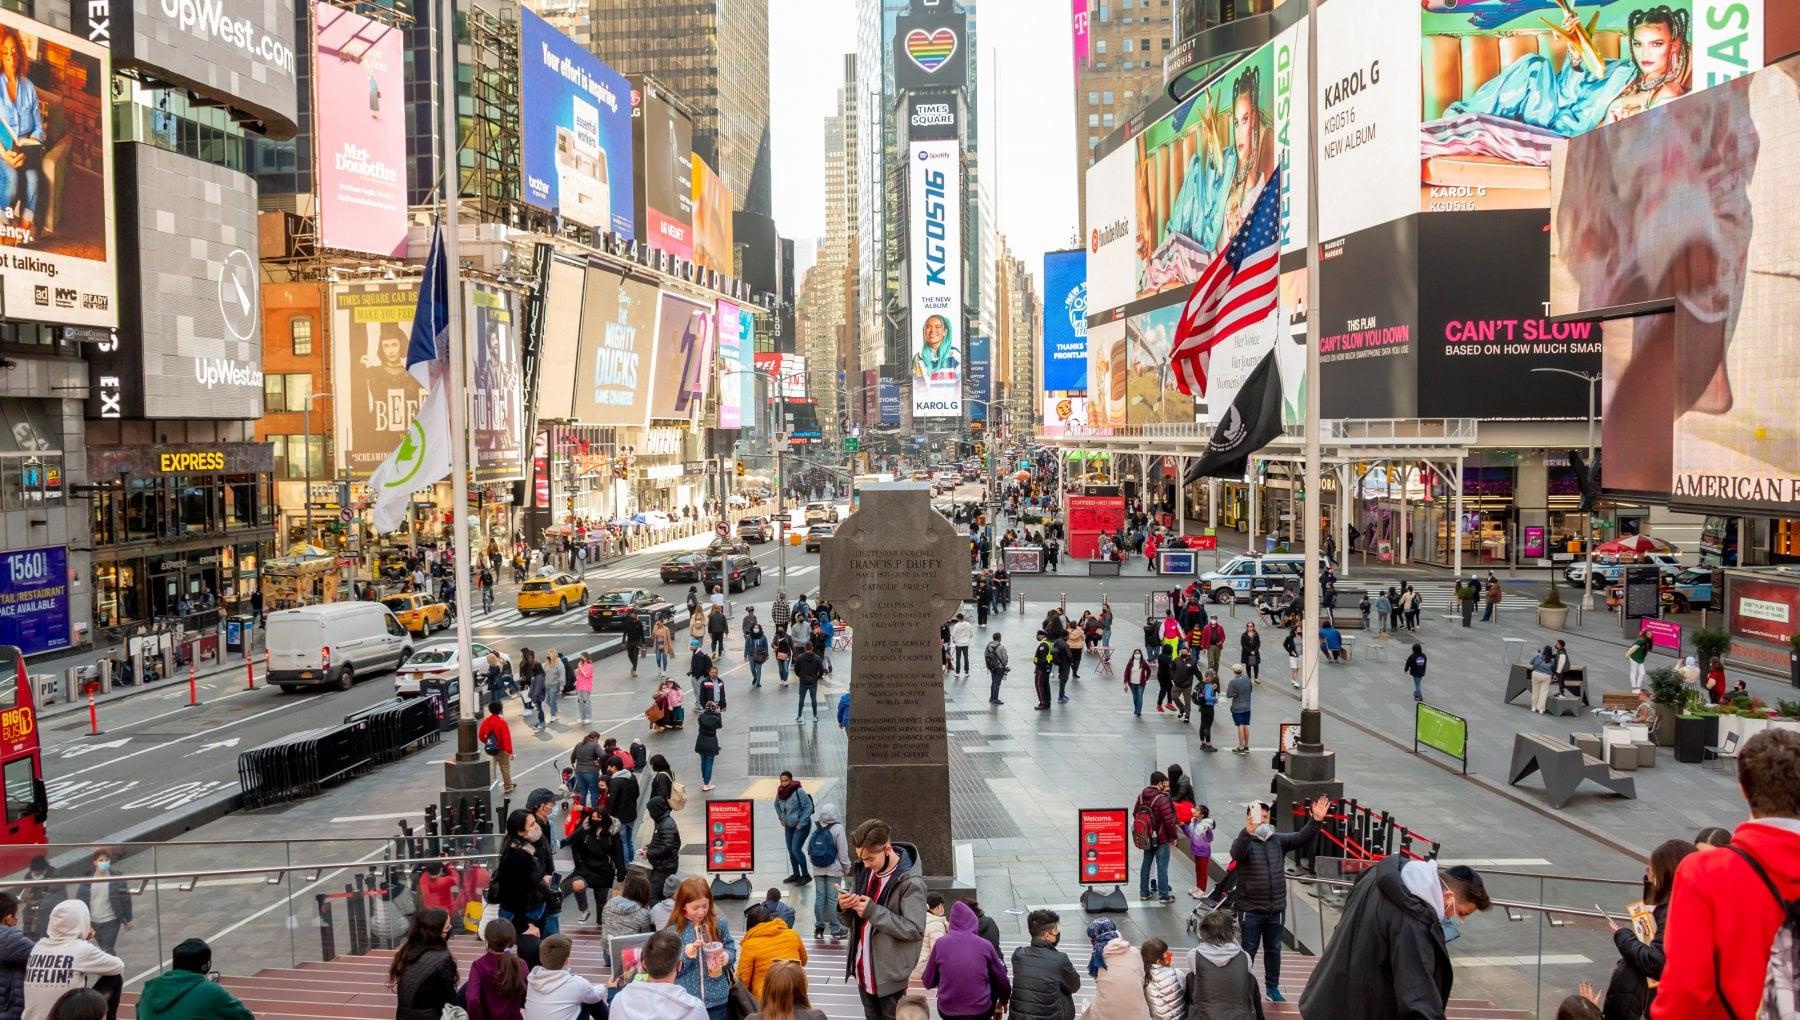 005335795 0f8f2c5d 0f23 4611 9be5 6aa6a4c922e8 - Usa: ferito con colpo arma da fuoco mentre passeggia a New York